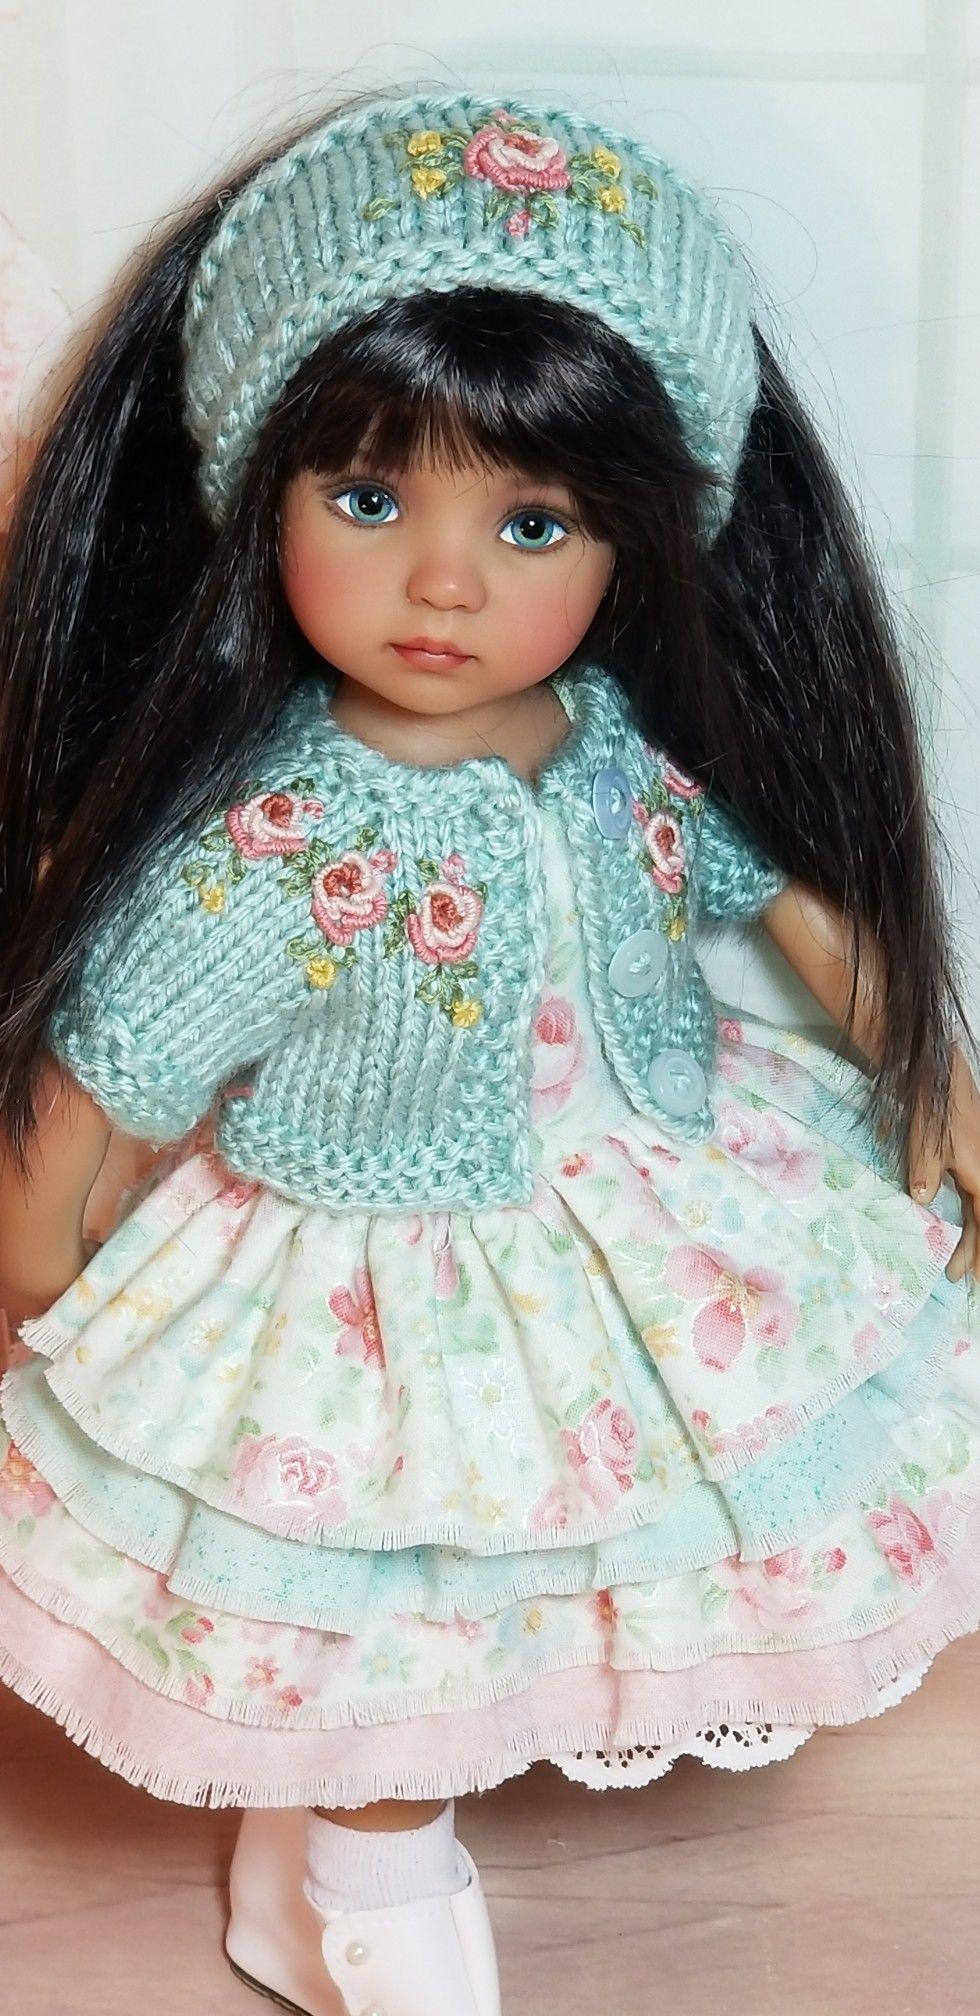 Dianna Effner | adorable dolls | Pinterest | Puppen, Barbie und Puppe